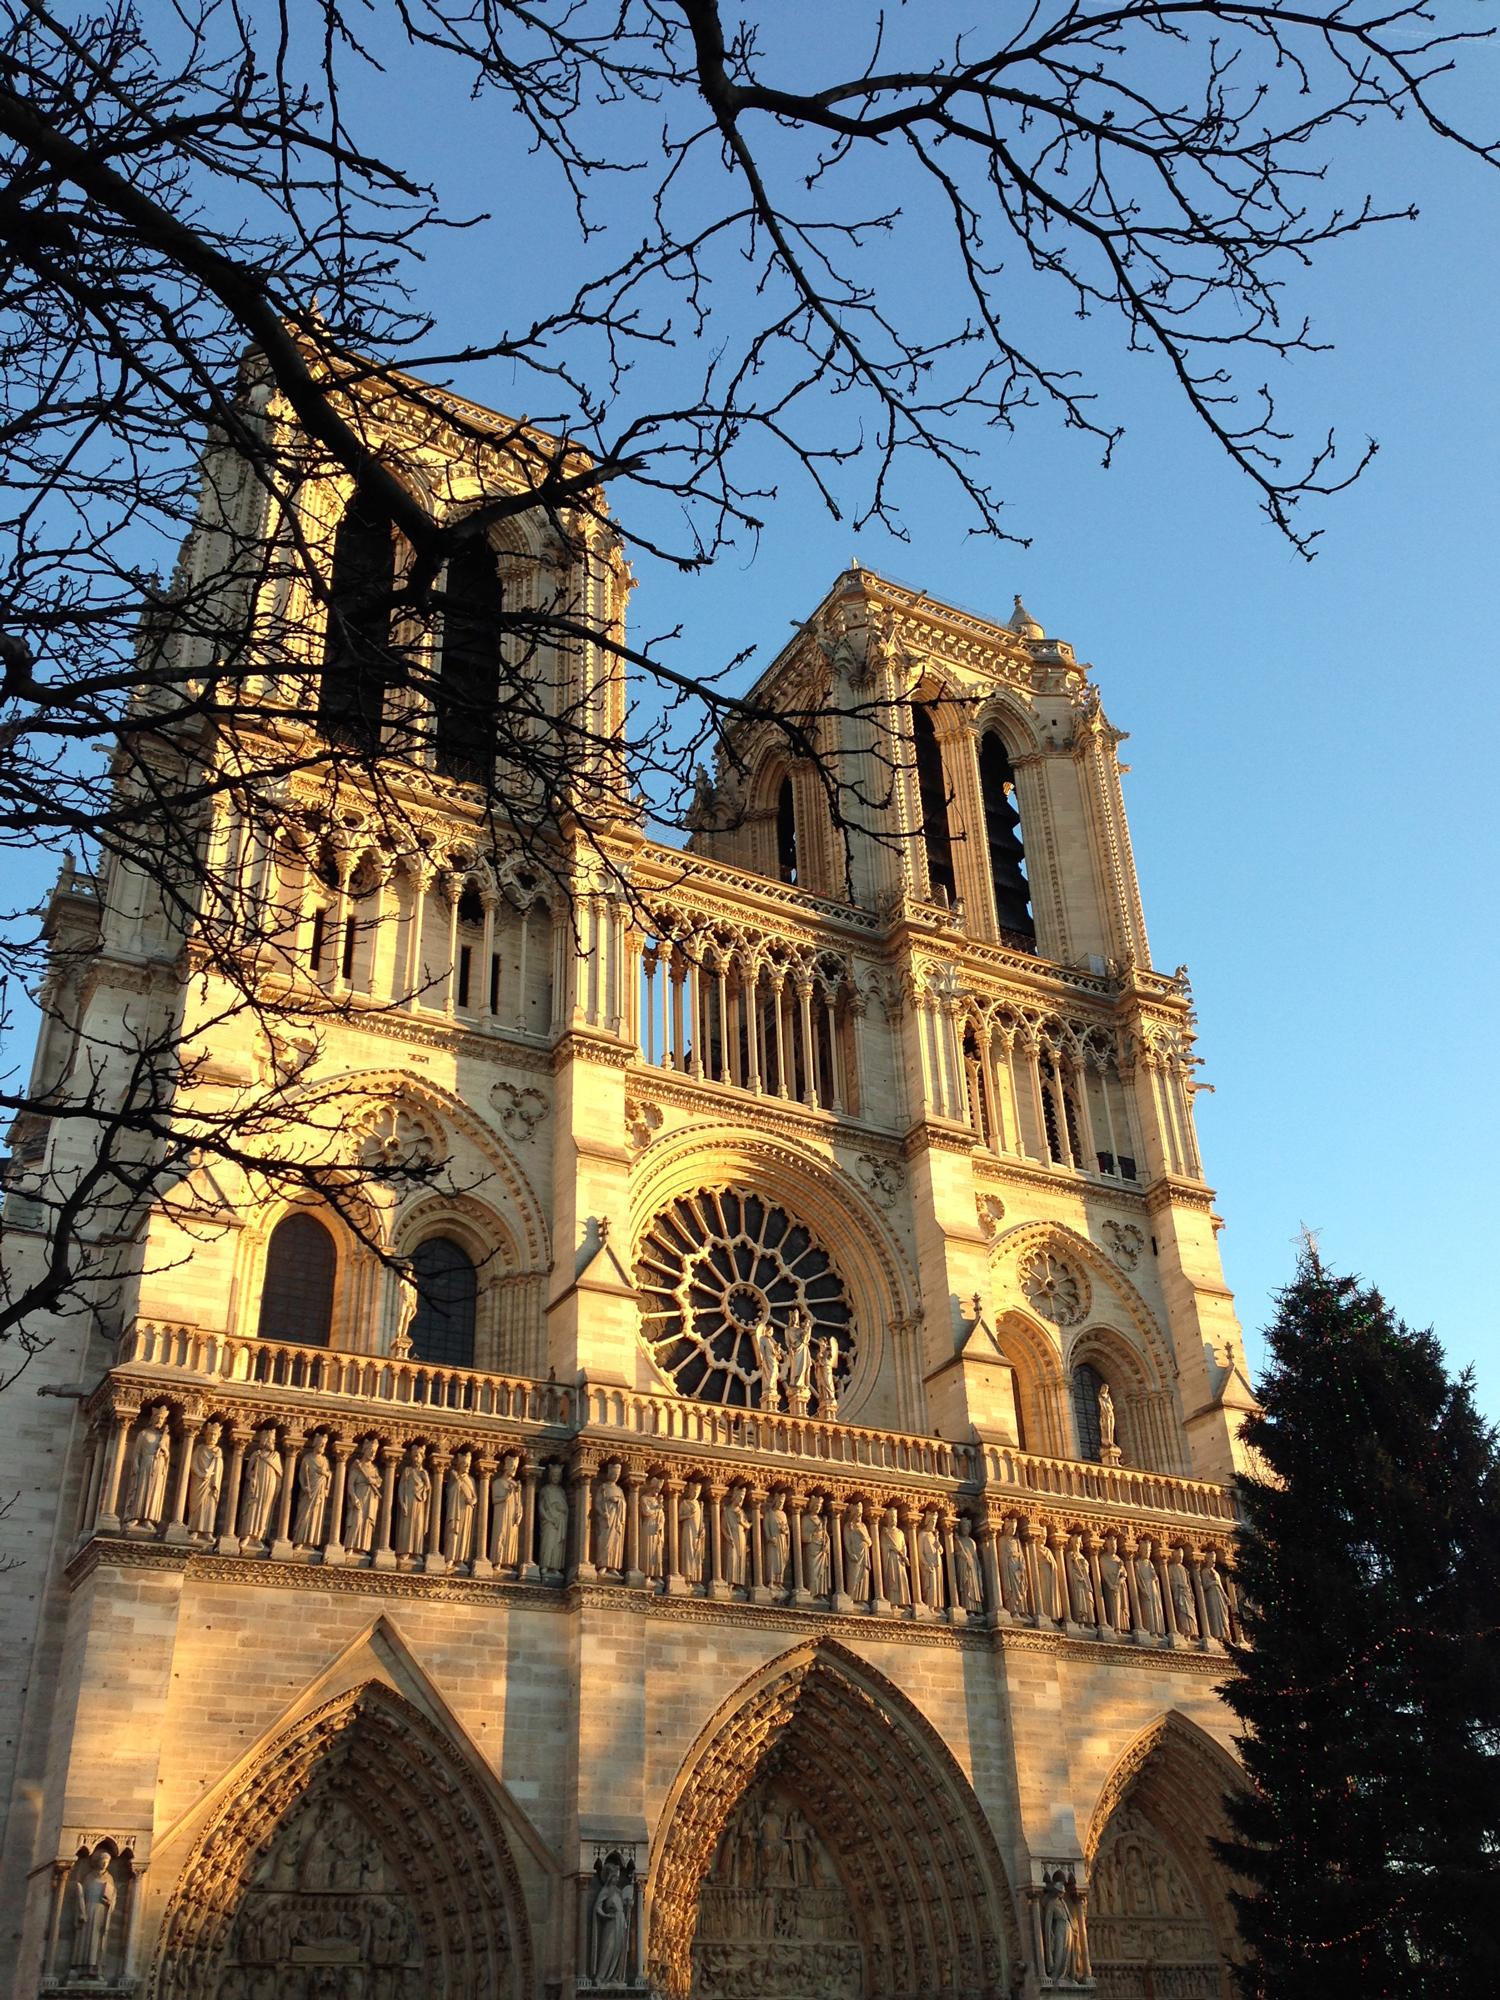 Fachada da Cathédrale Notre-Dame de Paris